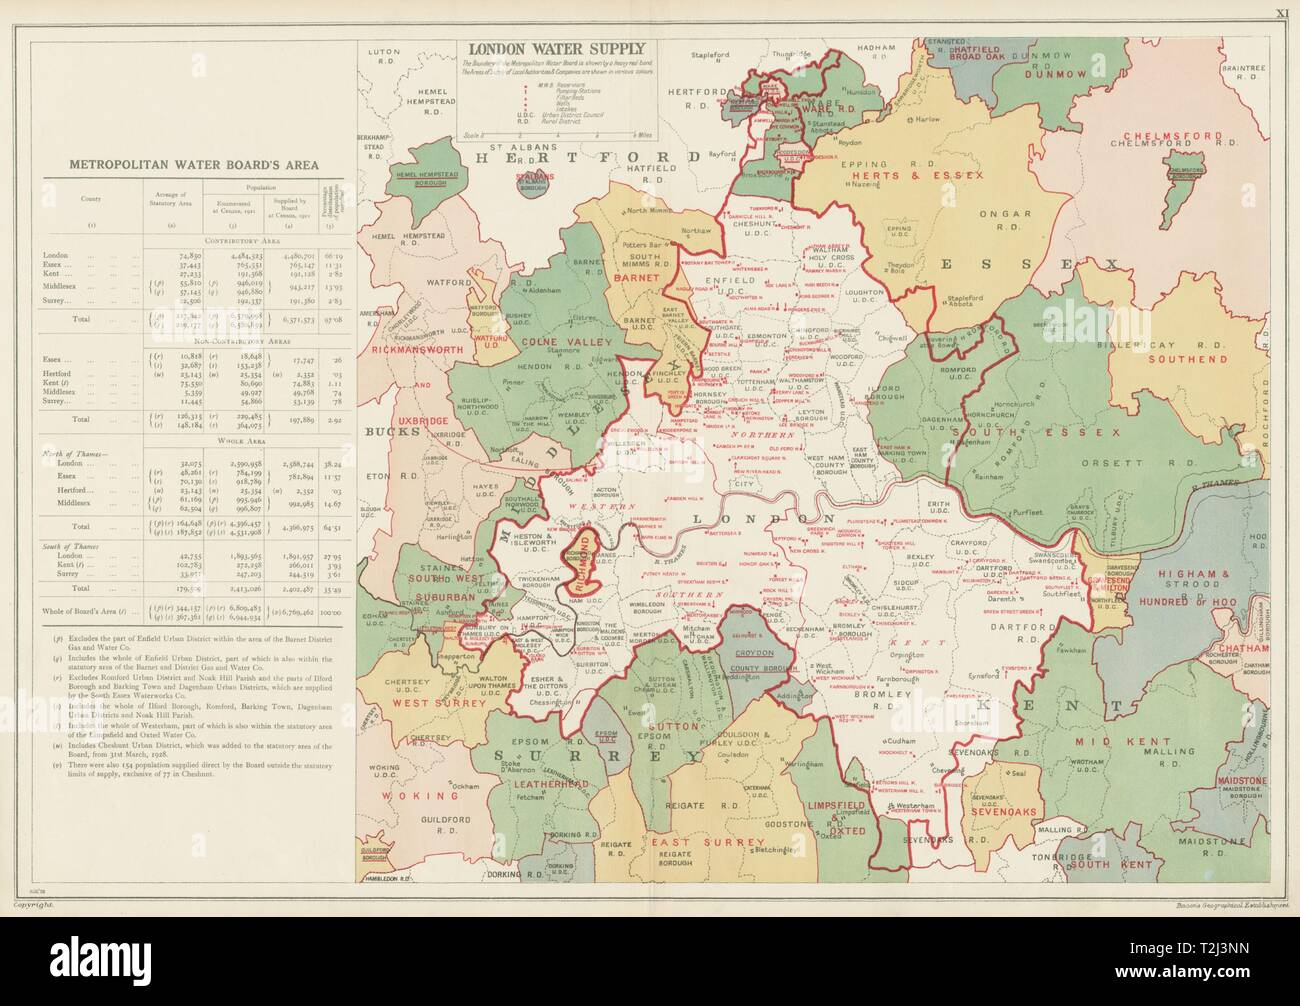 Londres l'APPROVISIONNEMENT EN EAU. Metropolitan Water Board. Pompage réservoirs Stns 1934 map Photo Stock